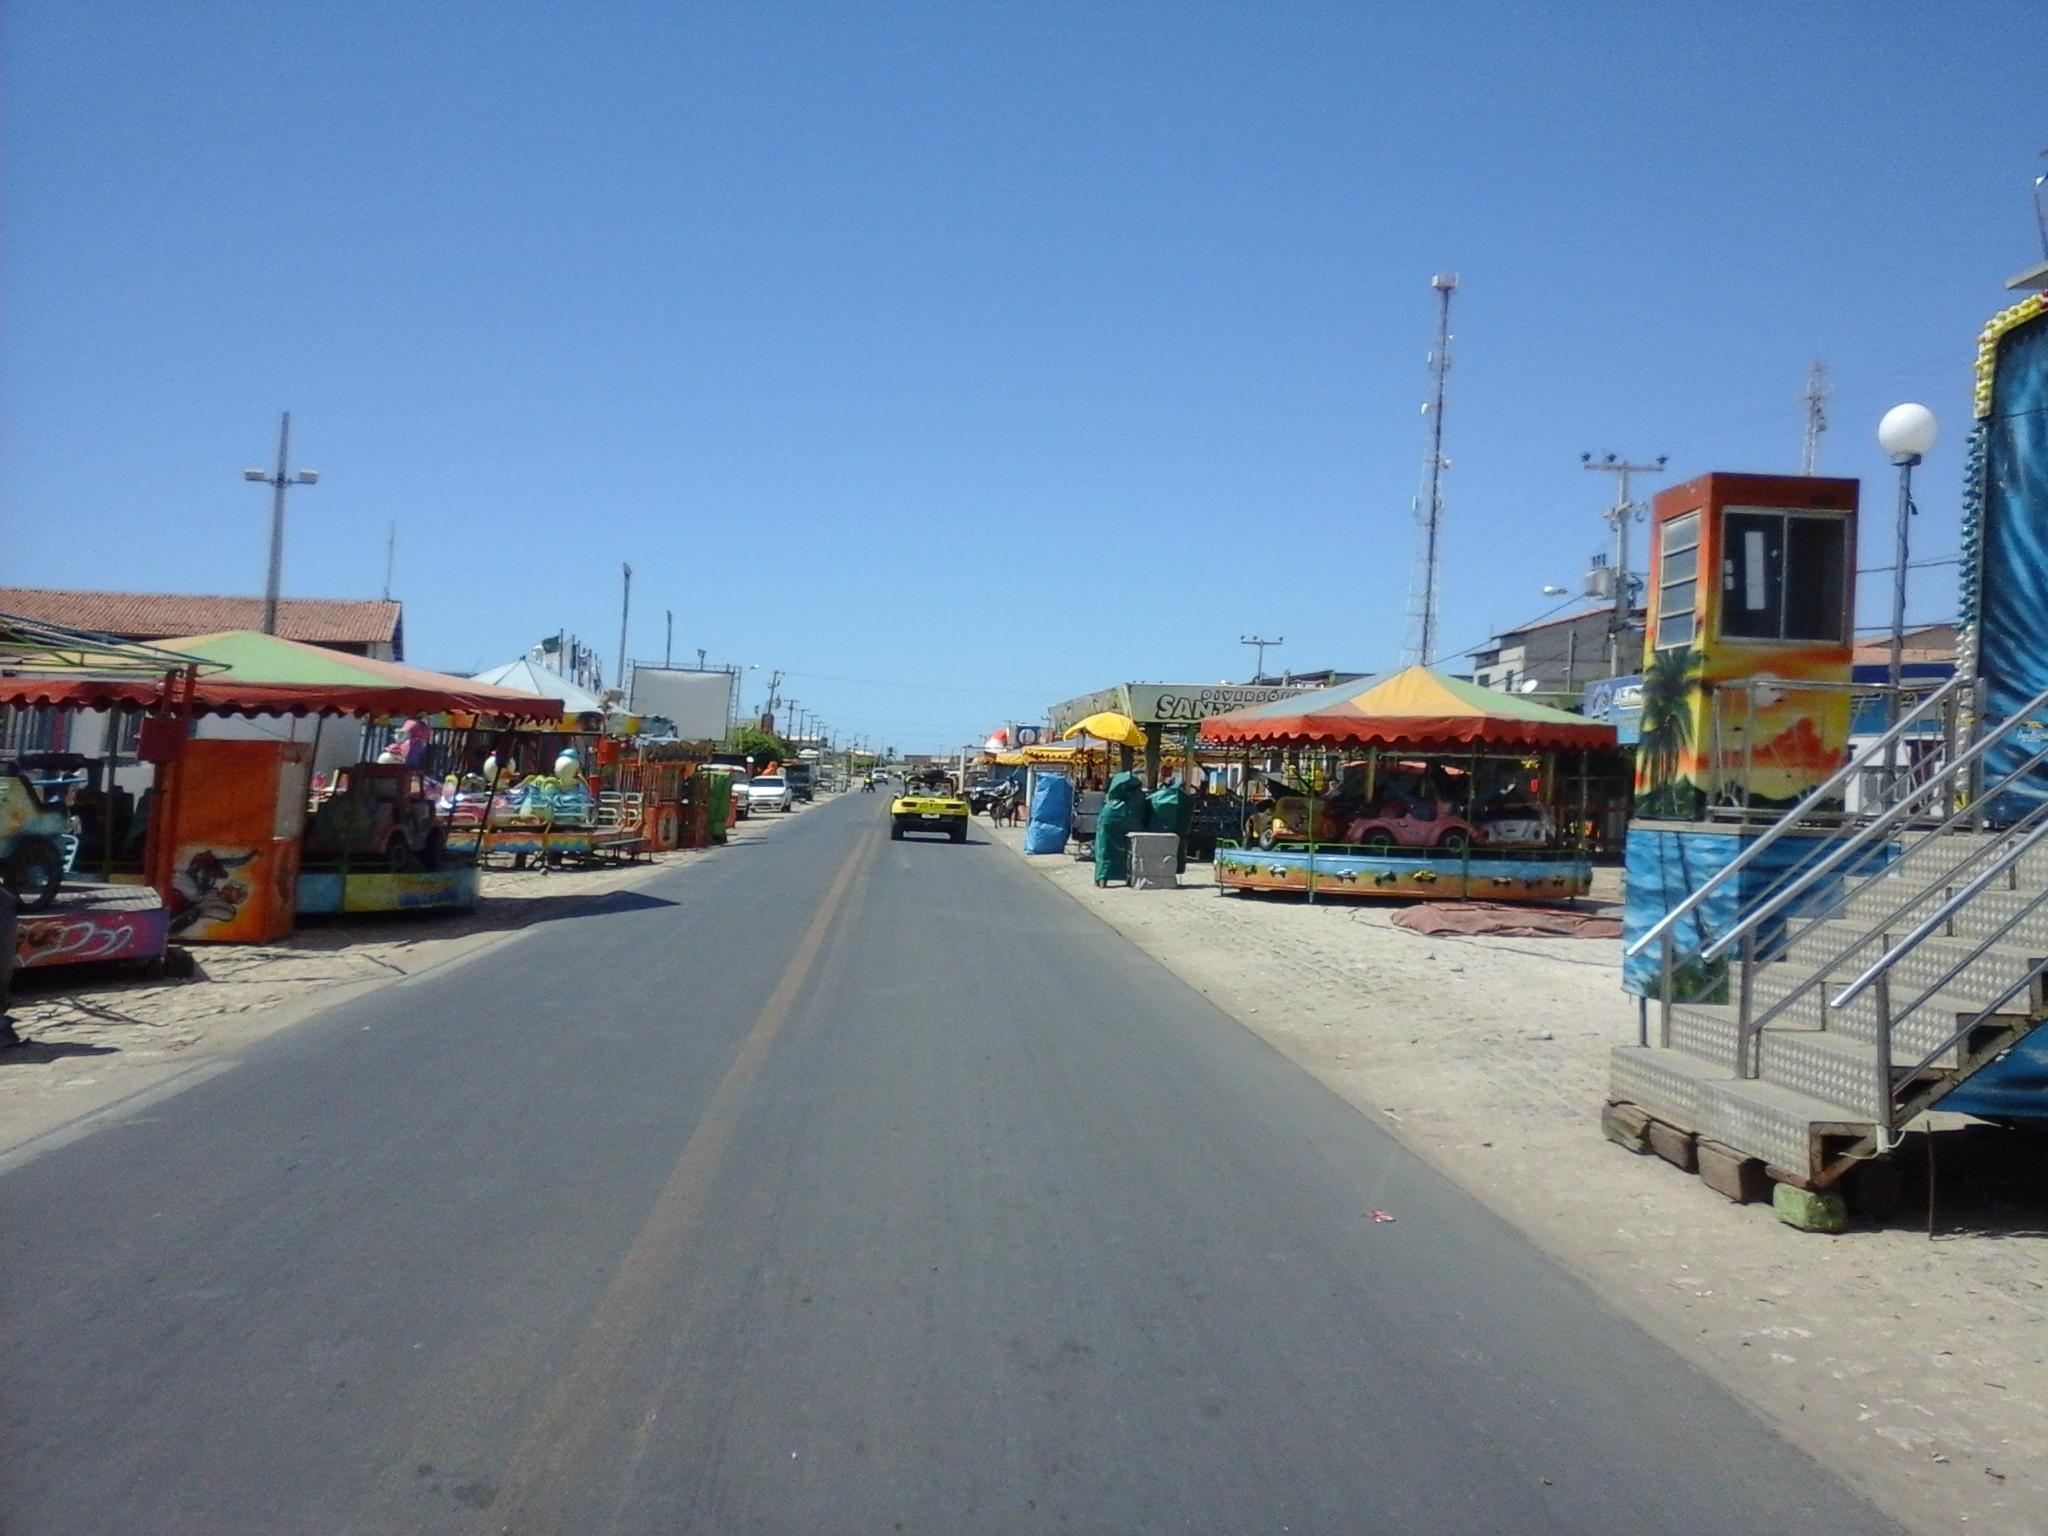 Parques de diversão,e  barracas instalados na área da festa, ao longo da rua Jorge Caminha (Foto: Luciano Oliveira)